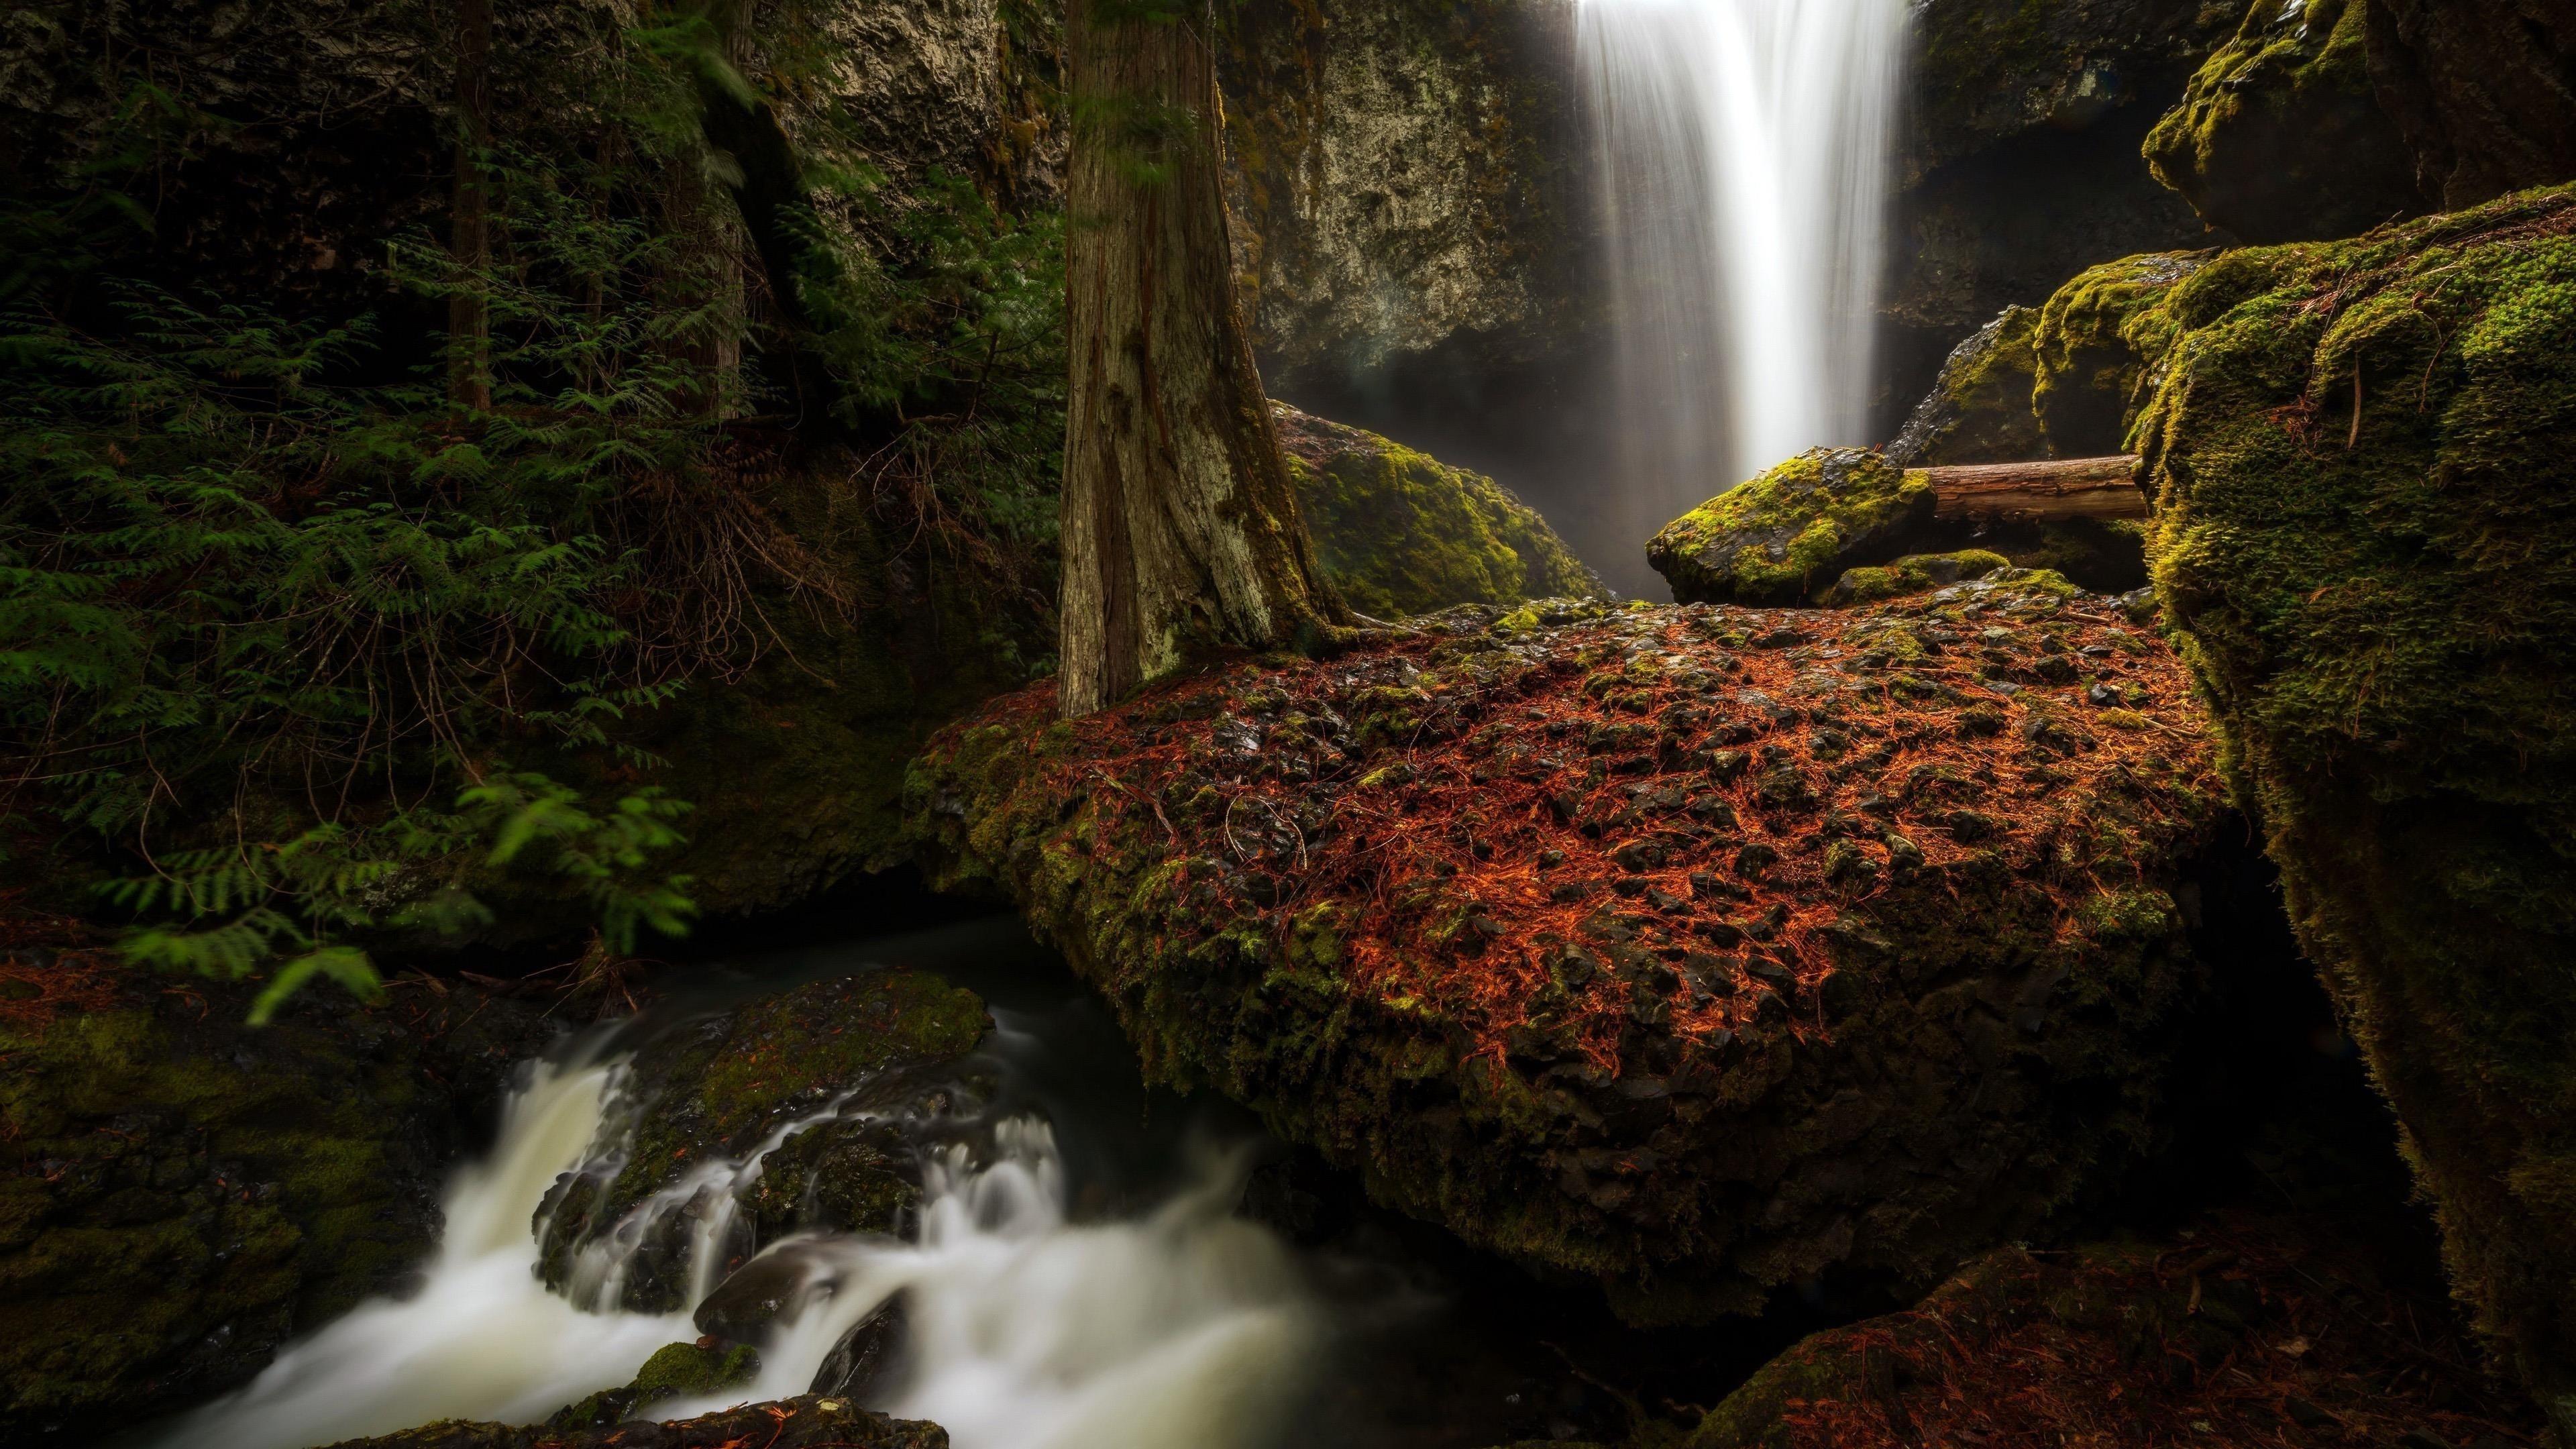 Лес водопад меж зеленых покрытых скал природа обои скачать